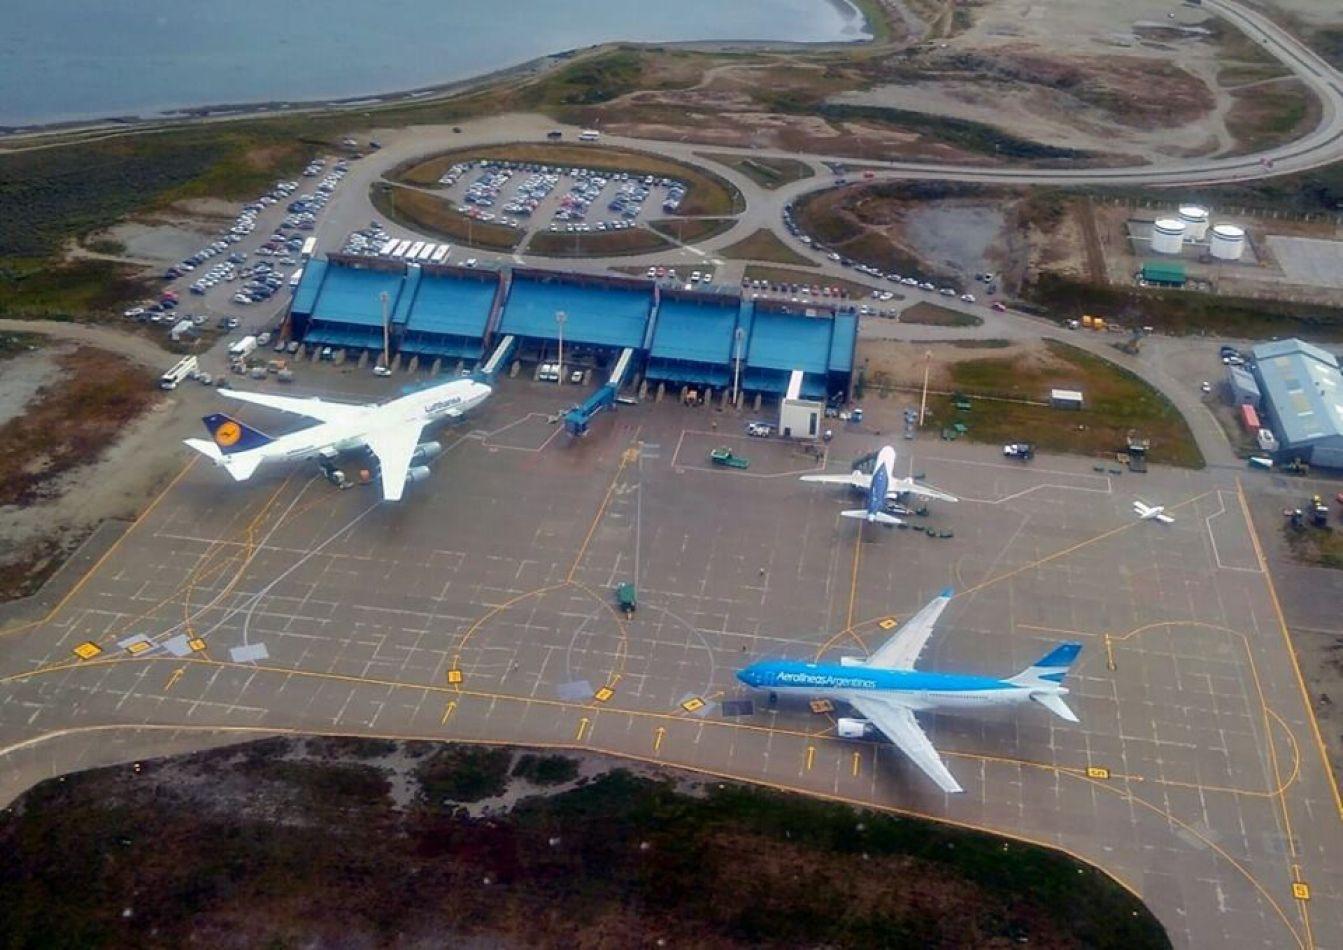 Autorizan a Aerolíneas Argentinas a realizar todos los vuelos necesarios desde el 1 de diciembre